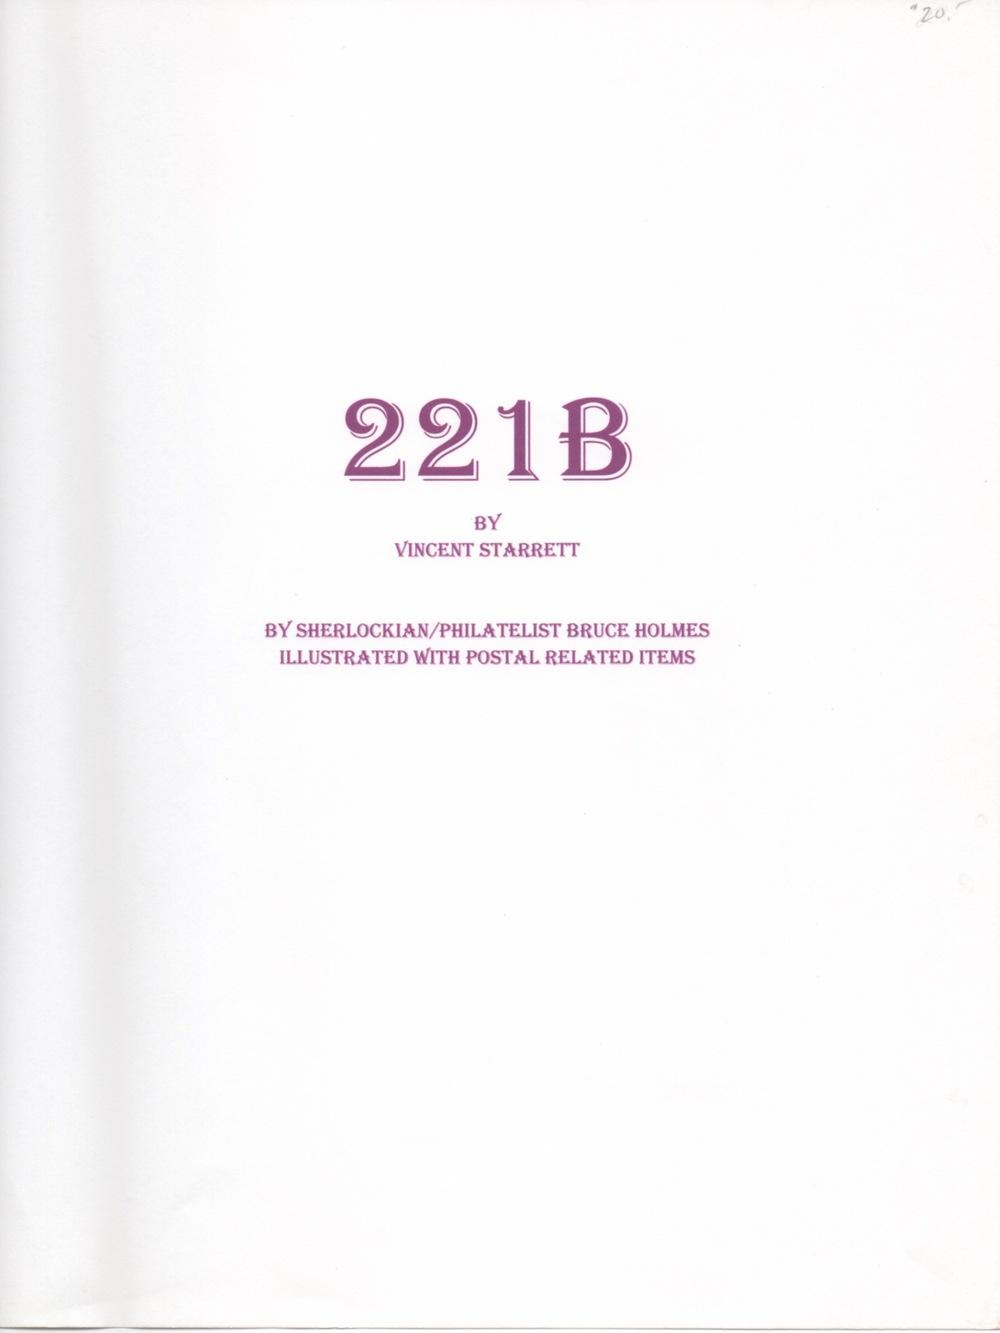 221BStampsCover.jpg